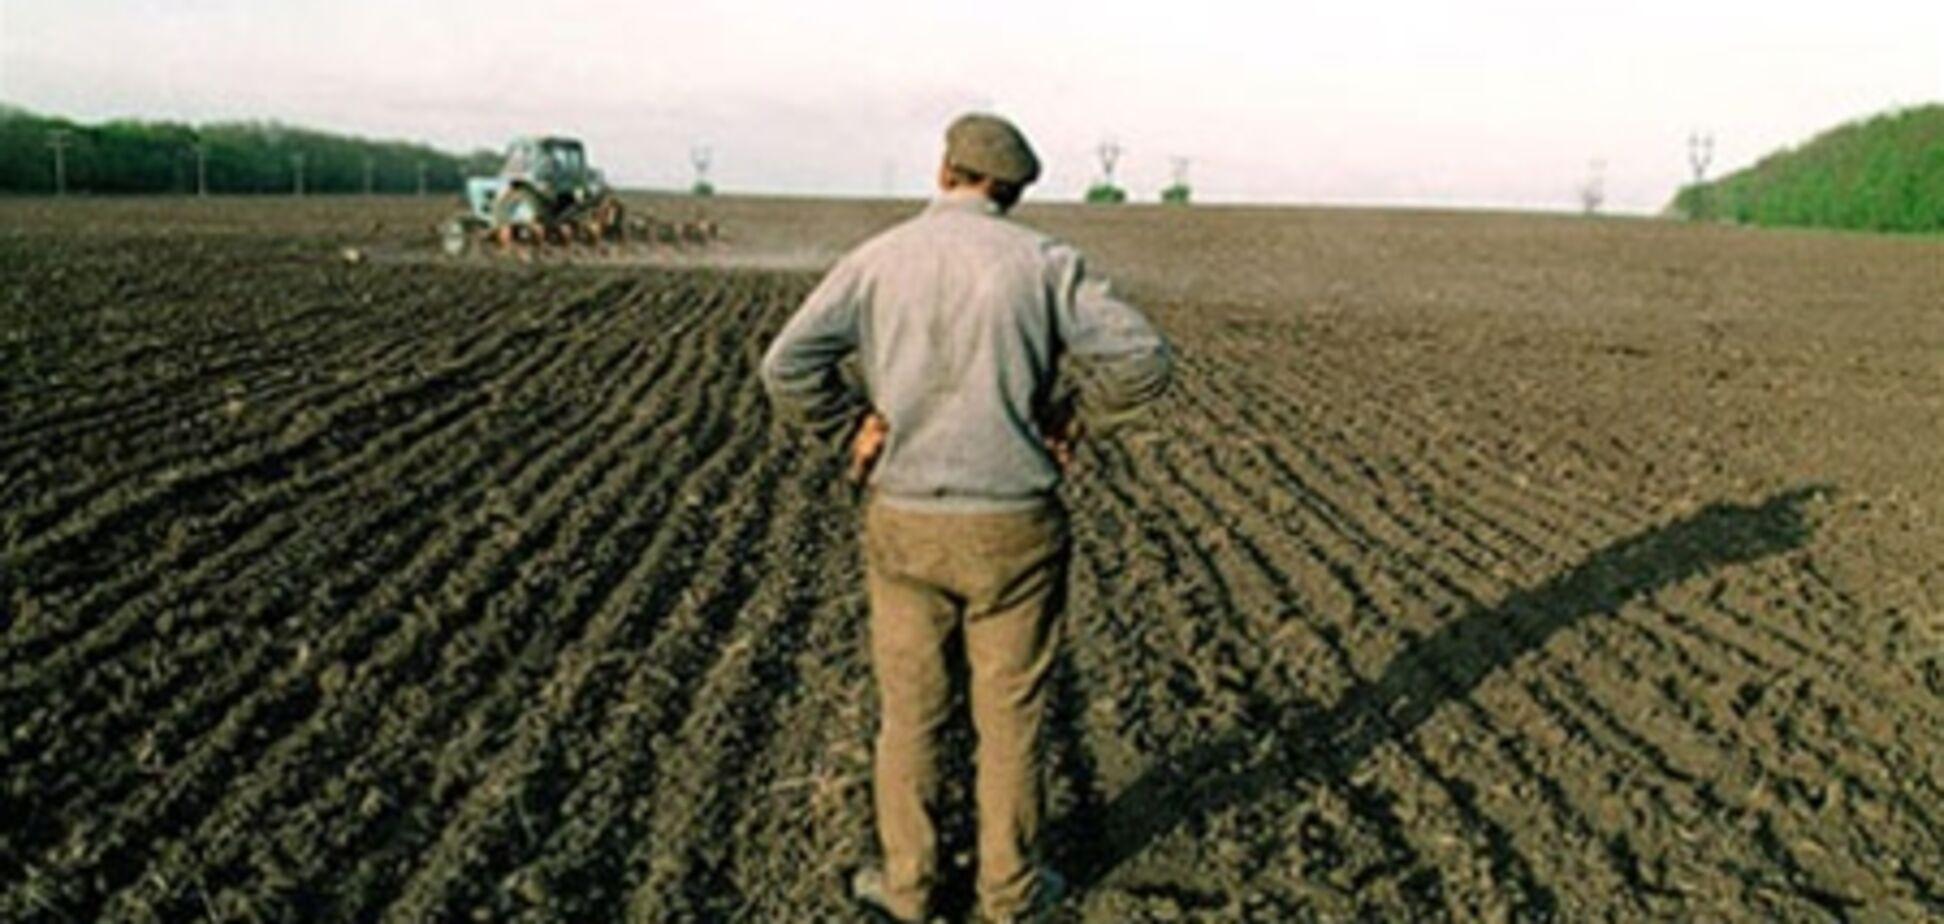 Условия покупки земли изменятся - эксперт